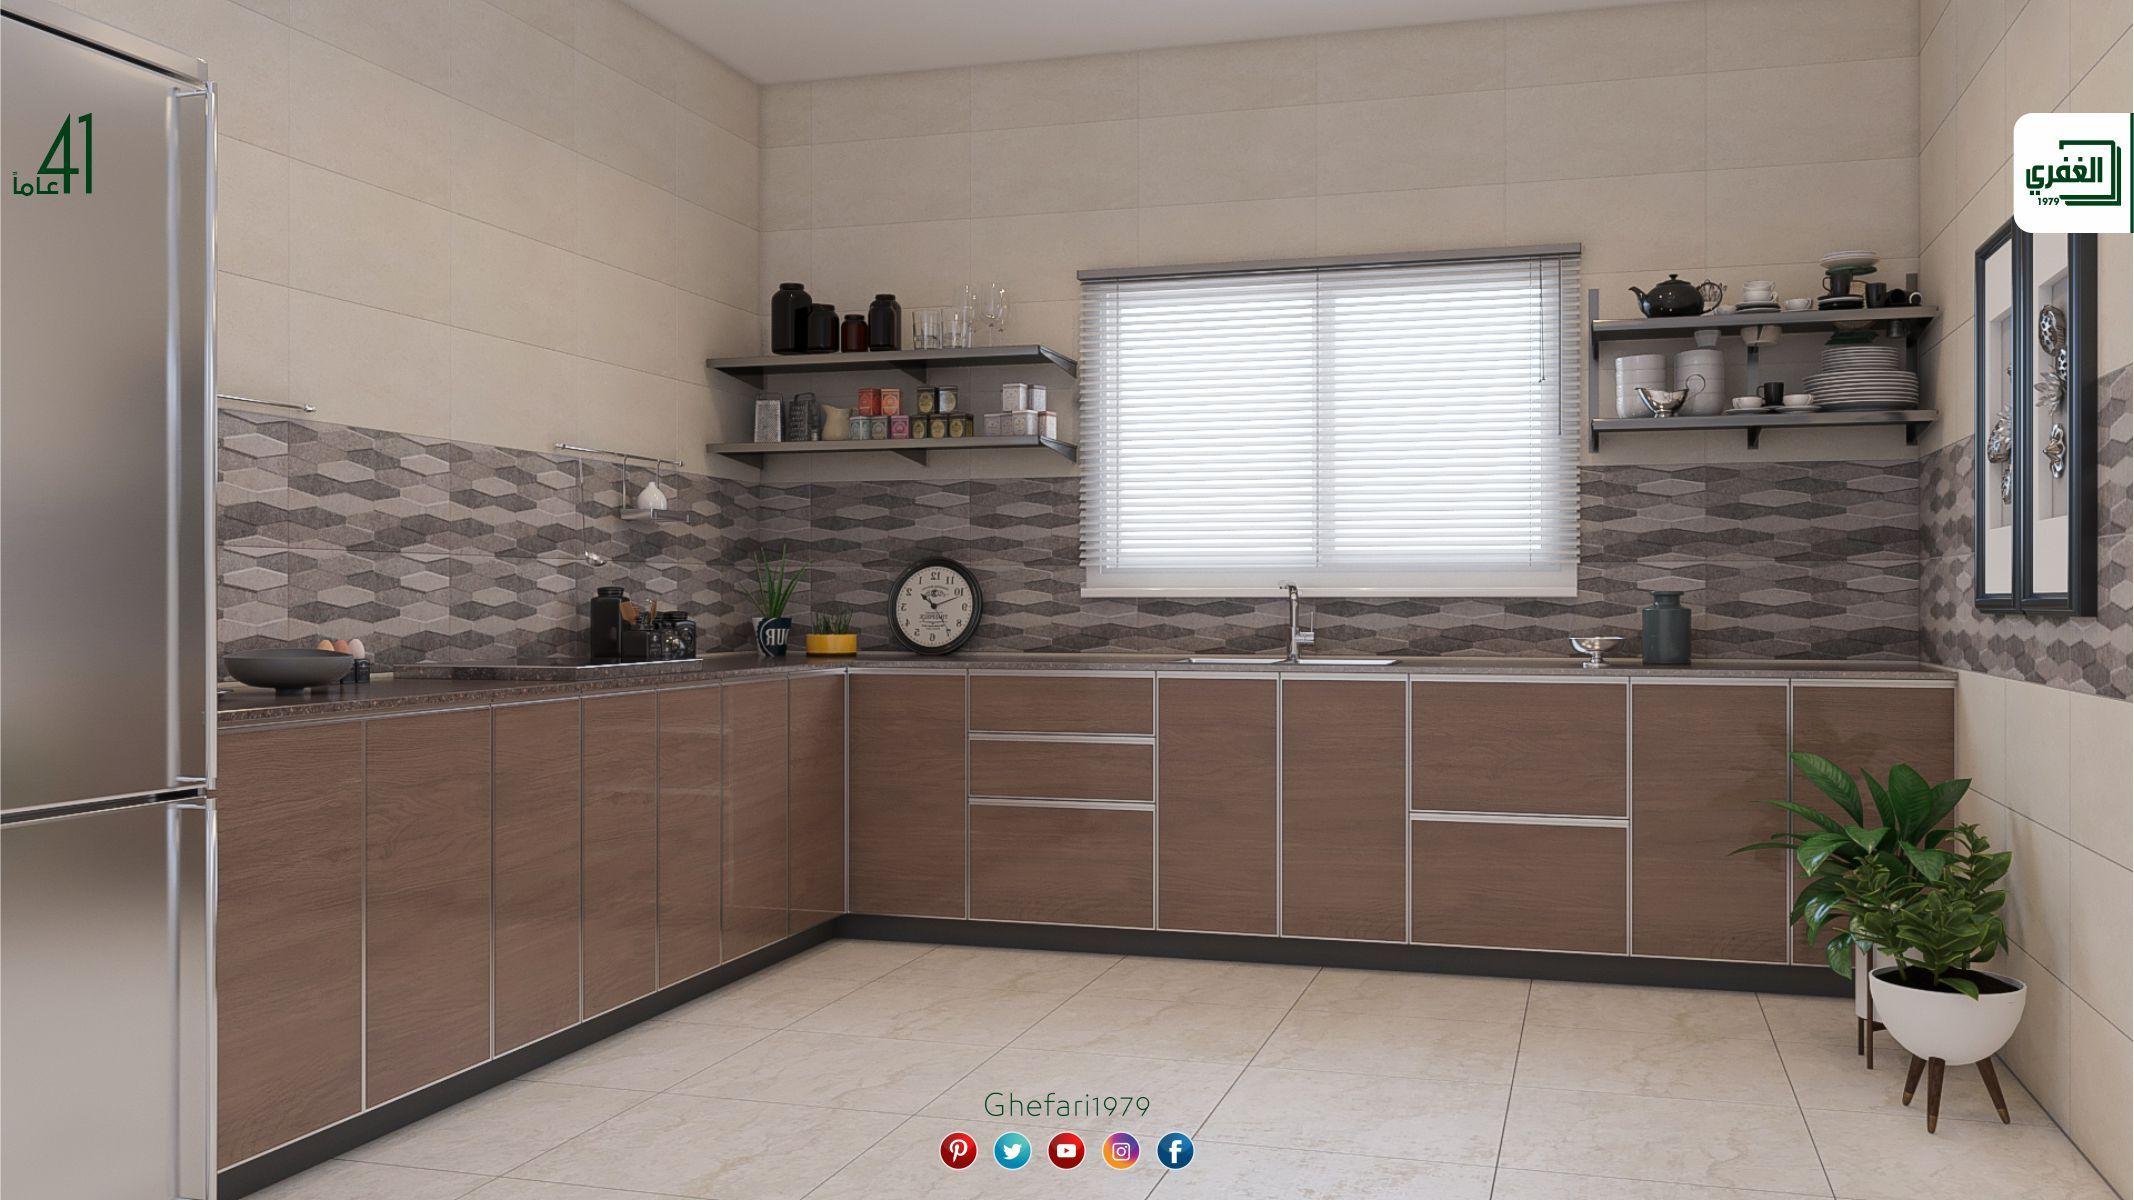 بورسلان أسباني ديكور ثلاثي ابعاد للاستخدام داخل الحمامات المطابخ اماكن اخرى للمزيد زورونا على موقع الشركة Https Www Ghe Home Decor Home Kitchen Cabinets